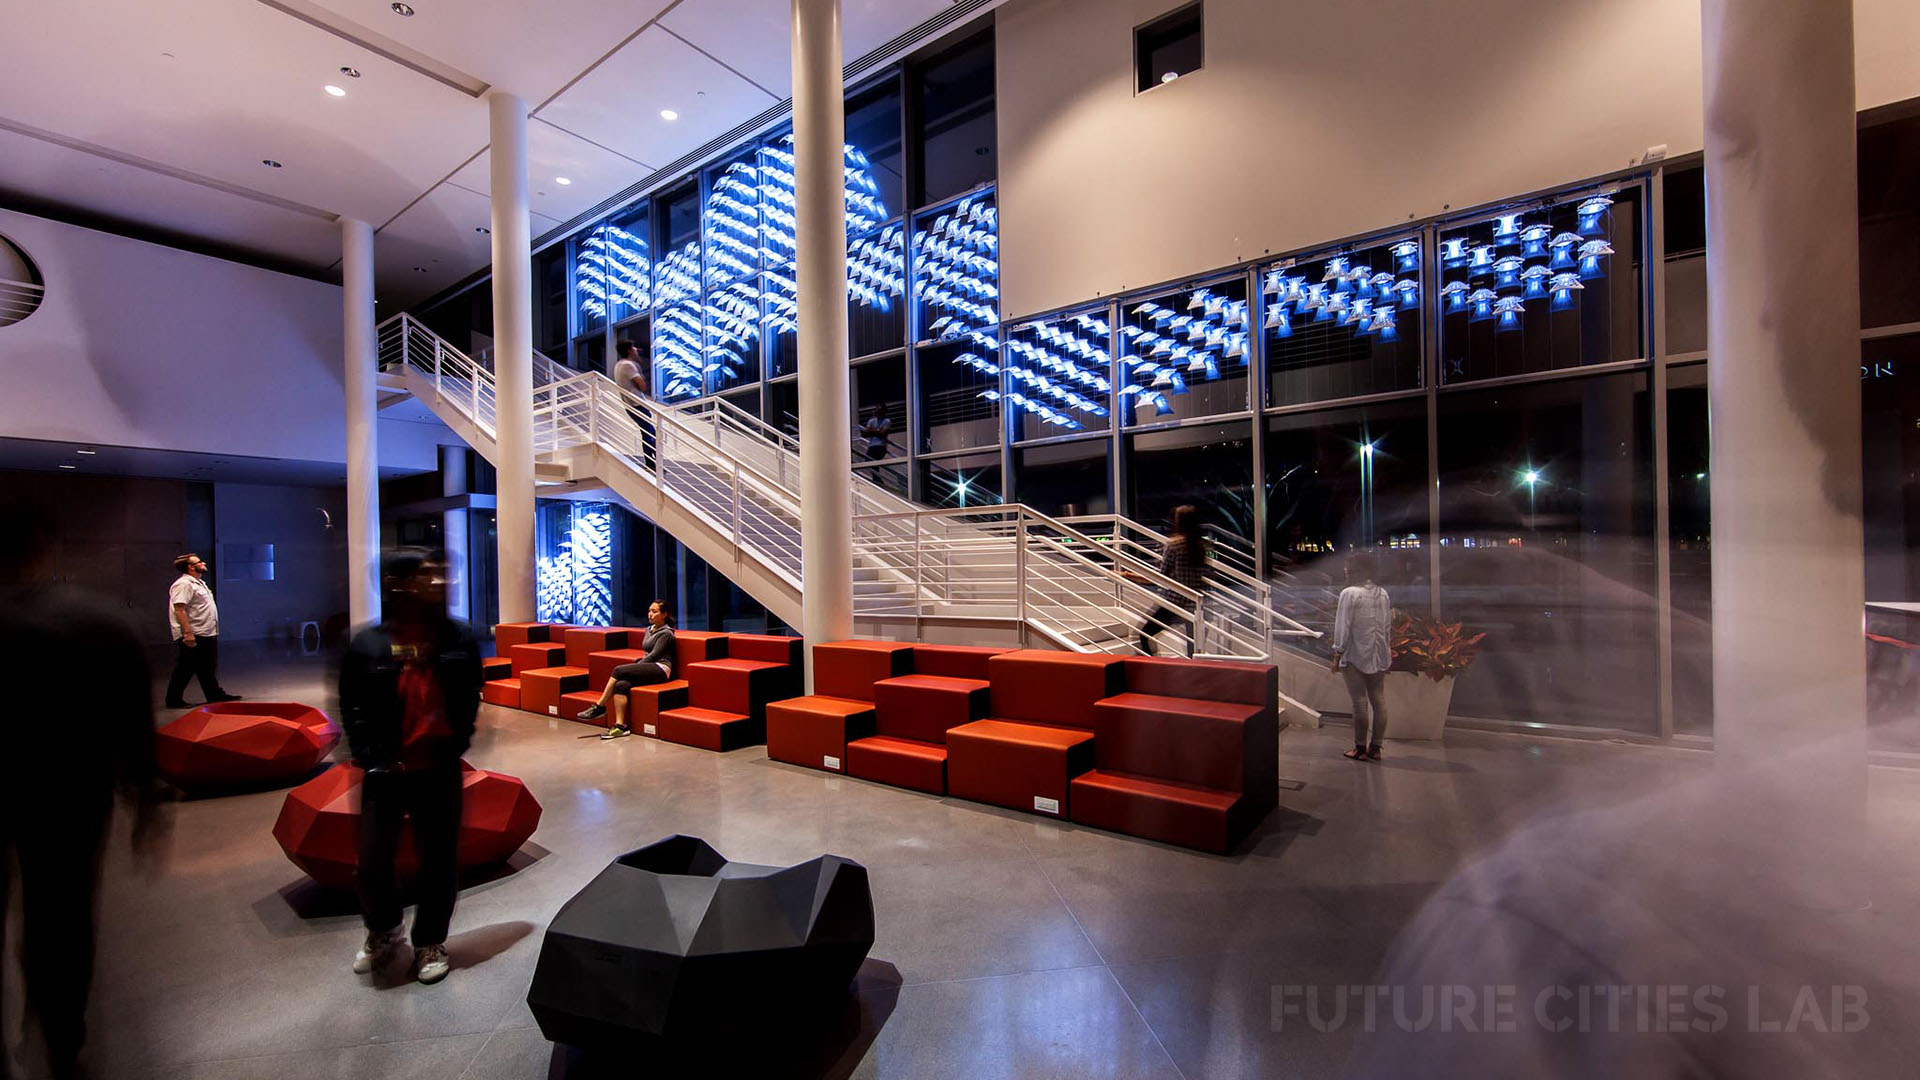 Lightswarm_Lobby_FutureCitiesLab_PeterPrato